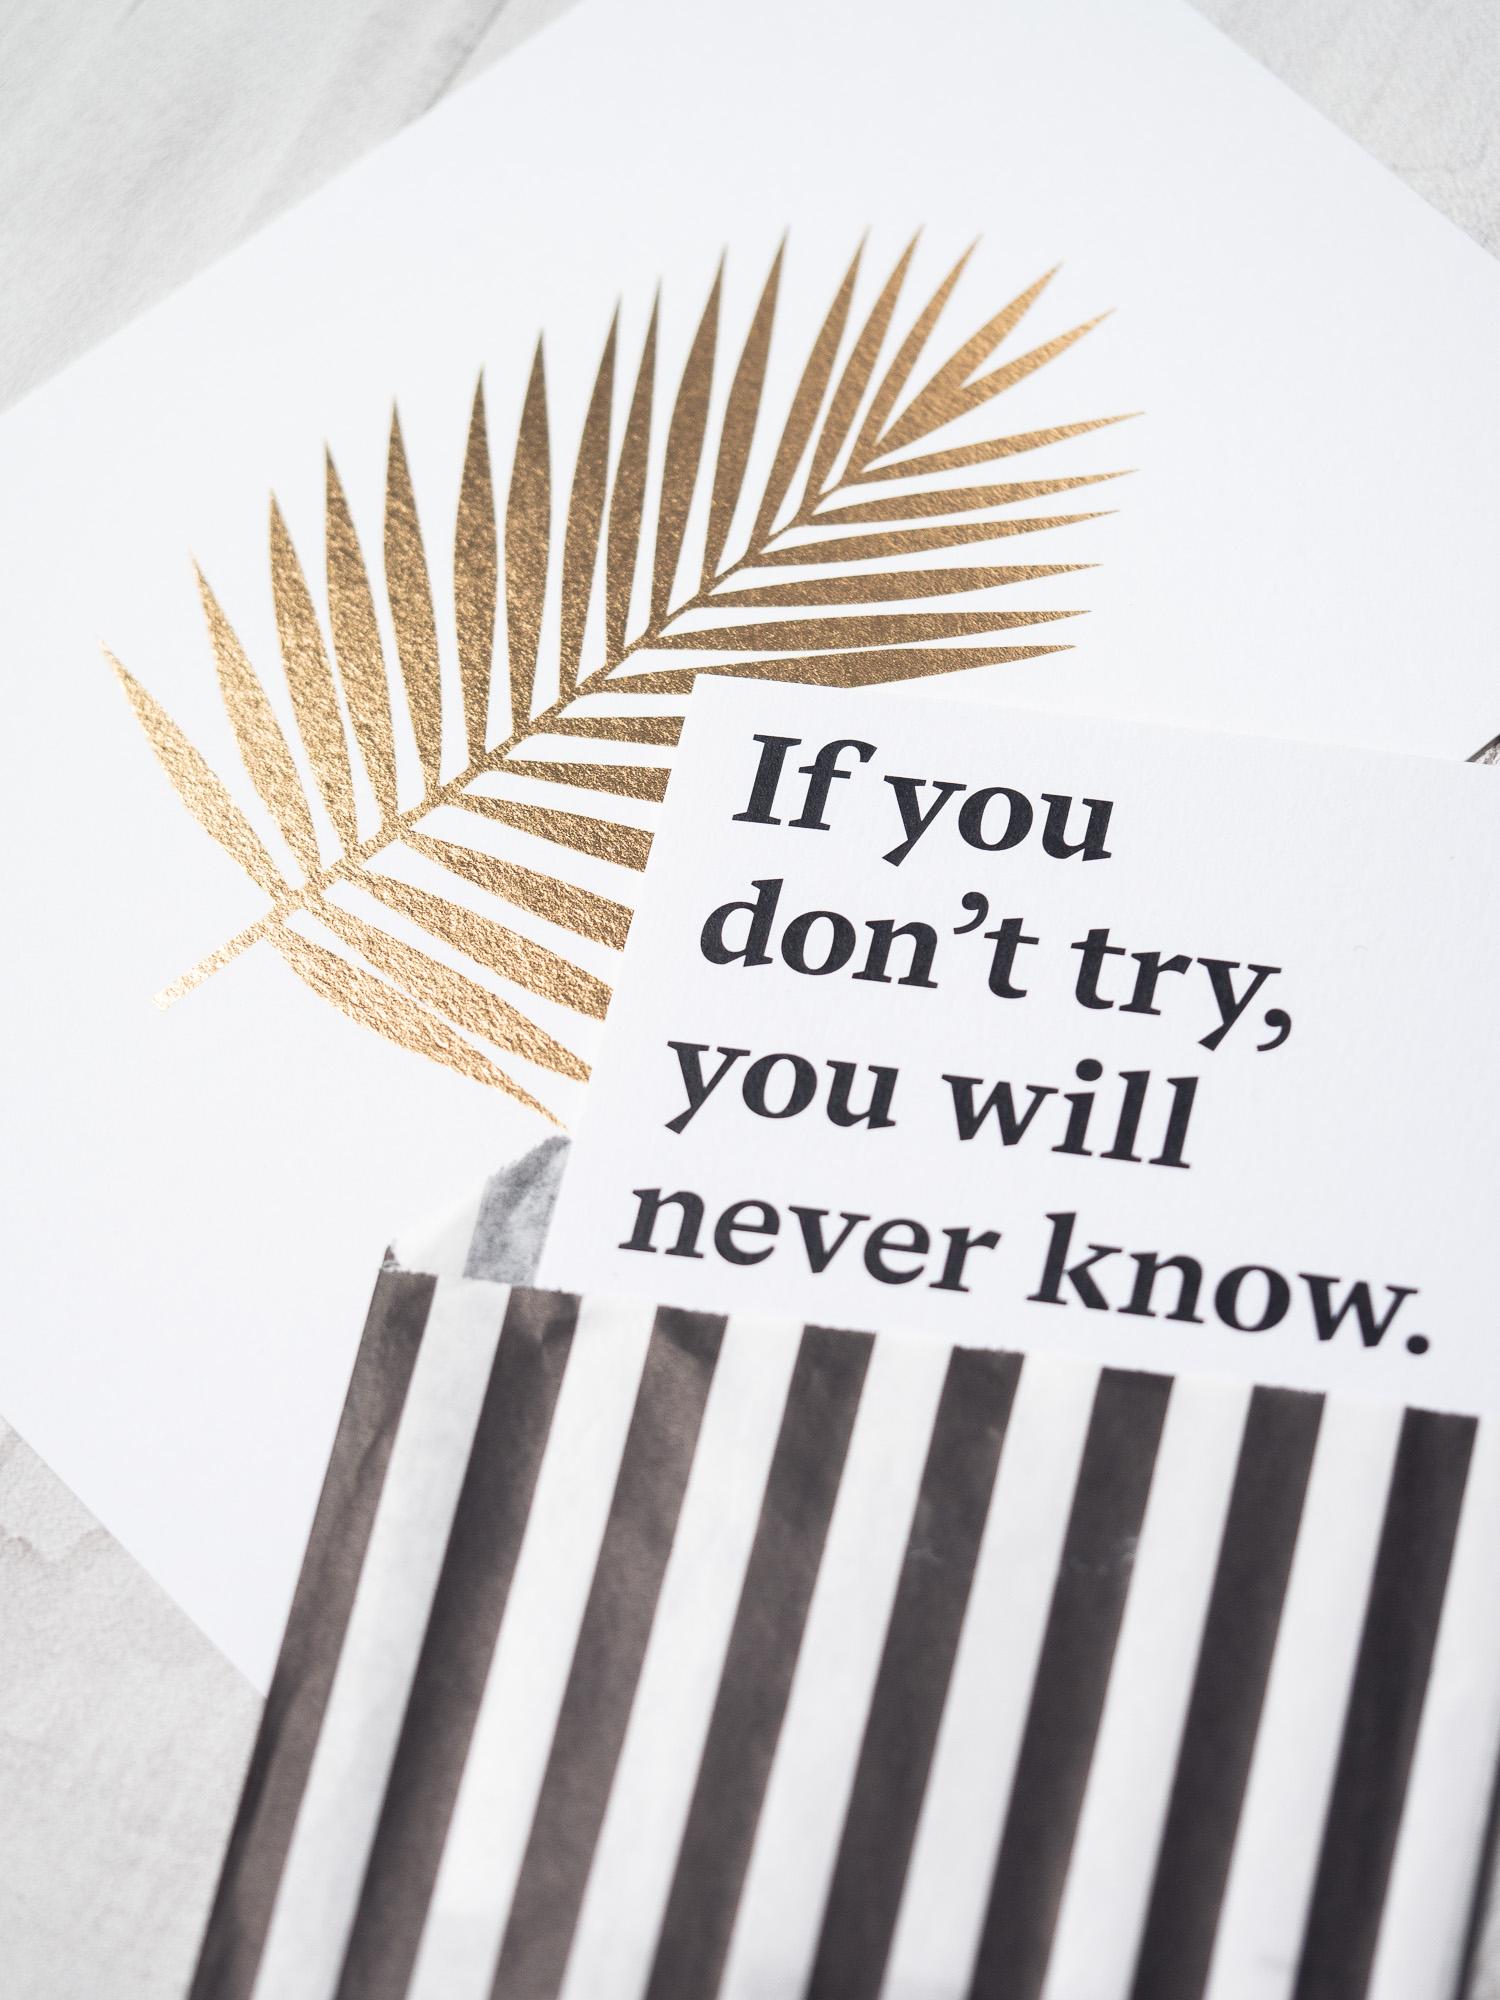 """""""Du musst nicht alles wissen, aber die Bereitschaft haben mutig nach Lösungen zu suchen."""" – Interview mit Cynthia Waeyusoh, Inhaberin von blackmoondesign. #Interview #Gründerin #Unternehmerin #Design #selbstständig #Mut #schüchtern #Komfortzone"""